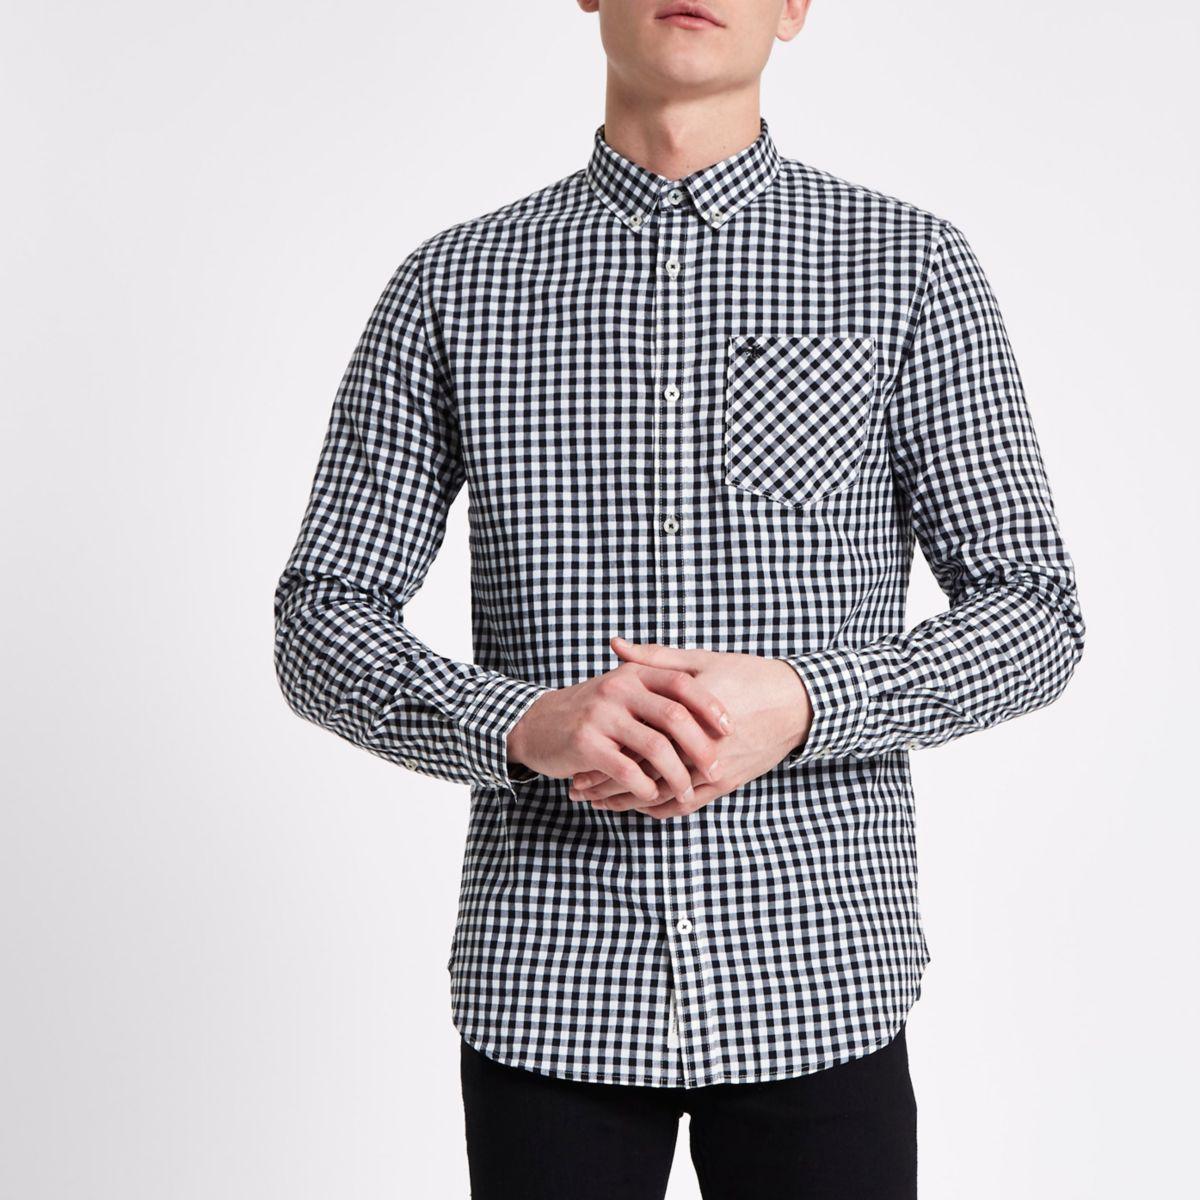 Chemise à carreaux vichy noire boutonnée